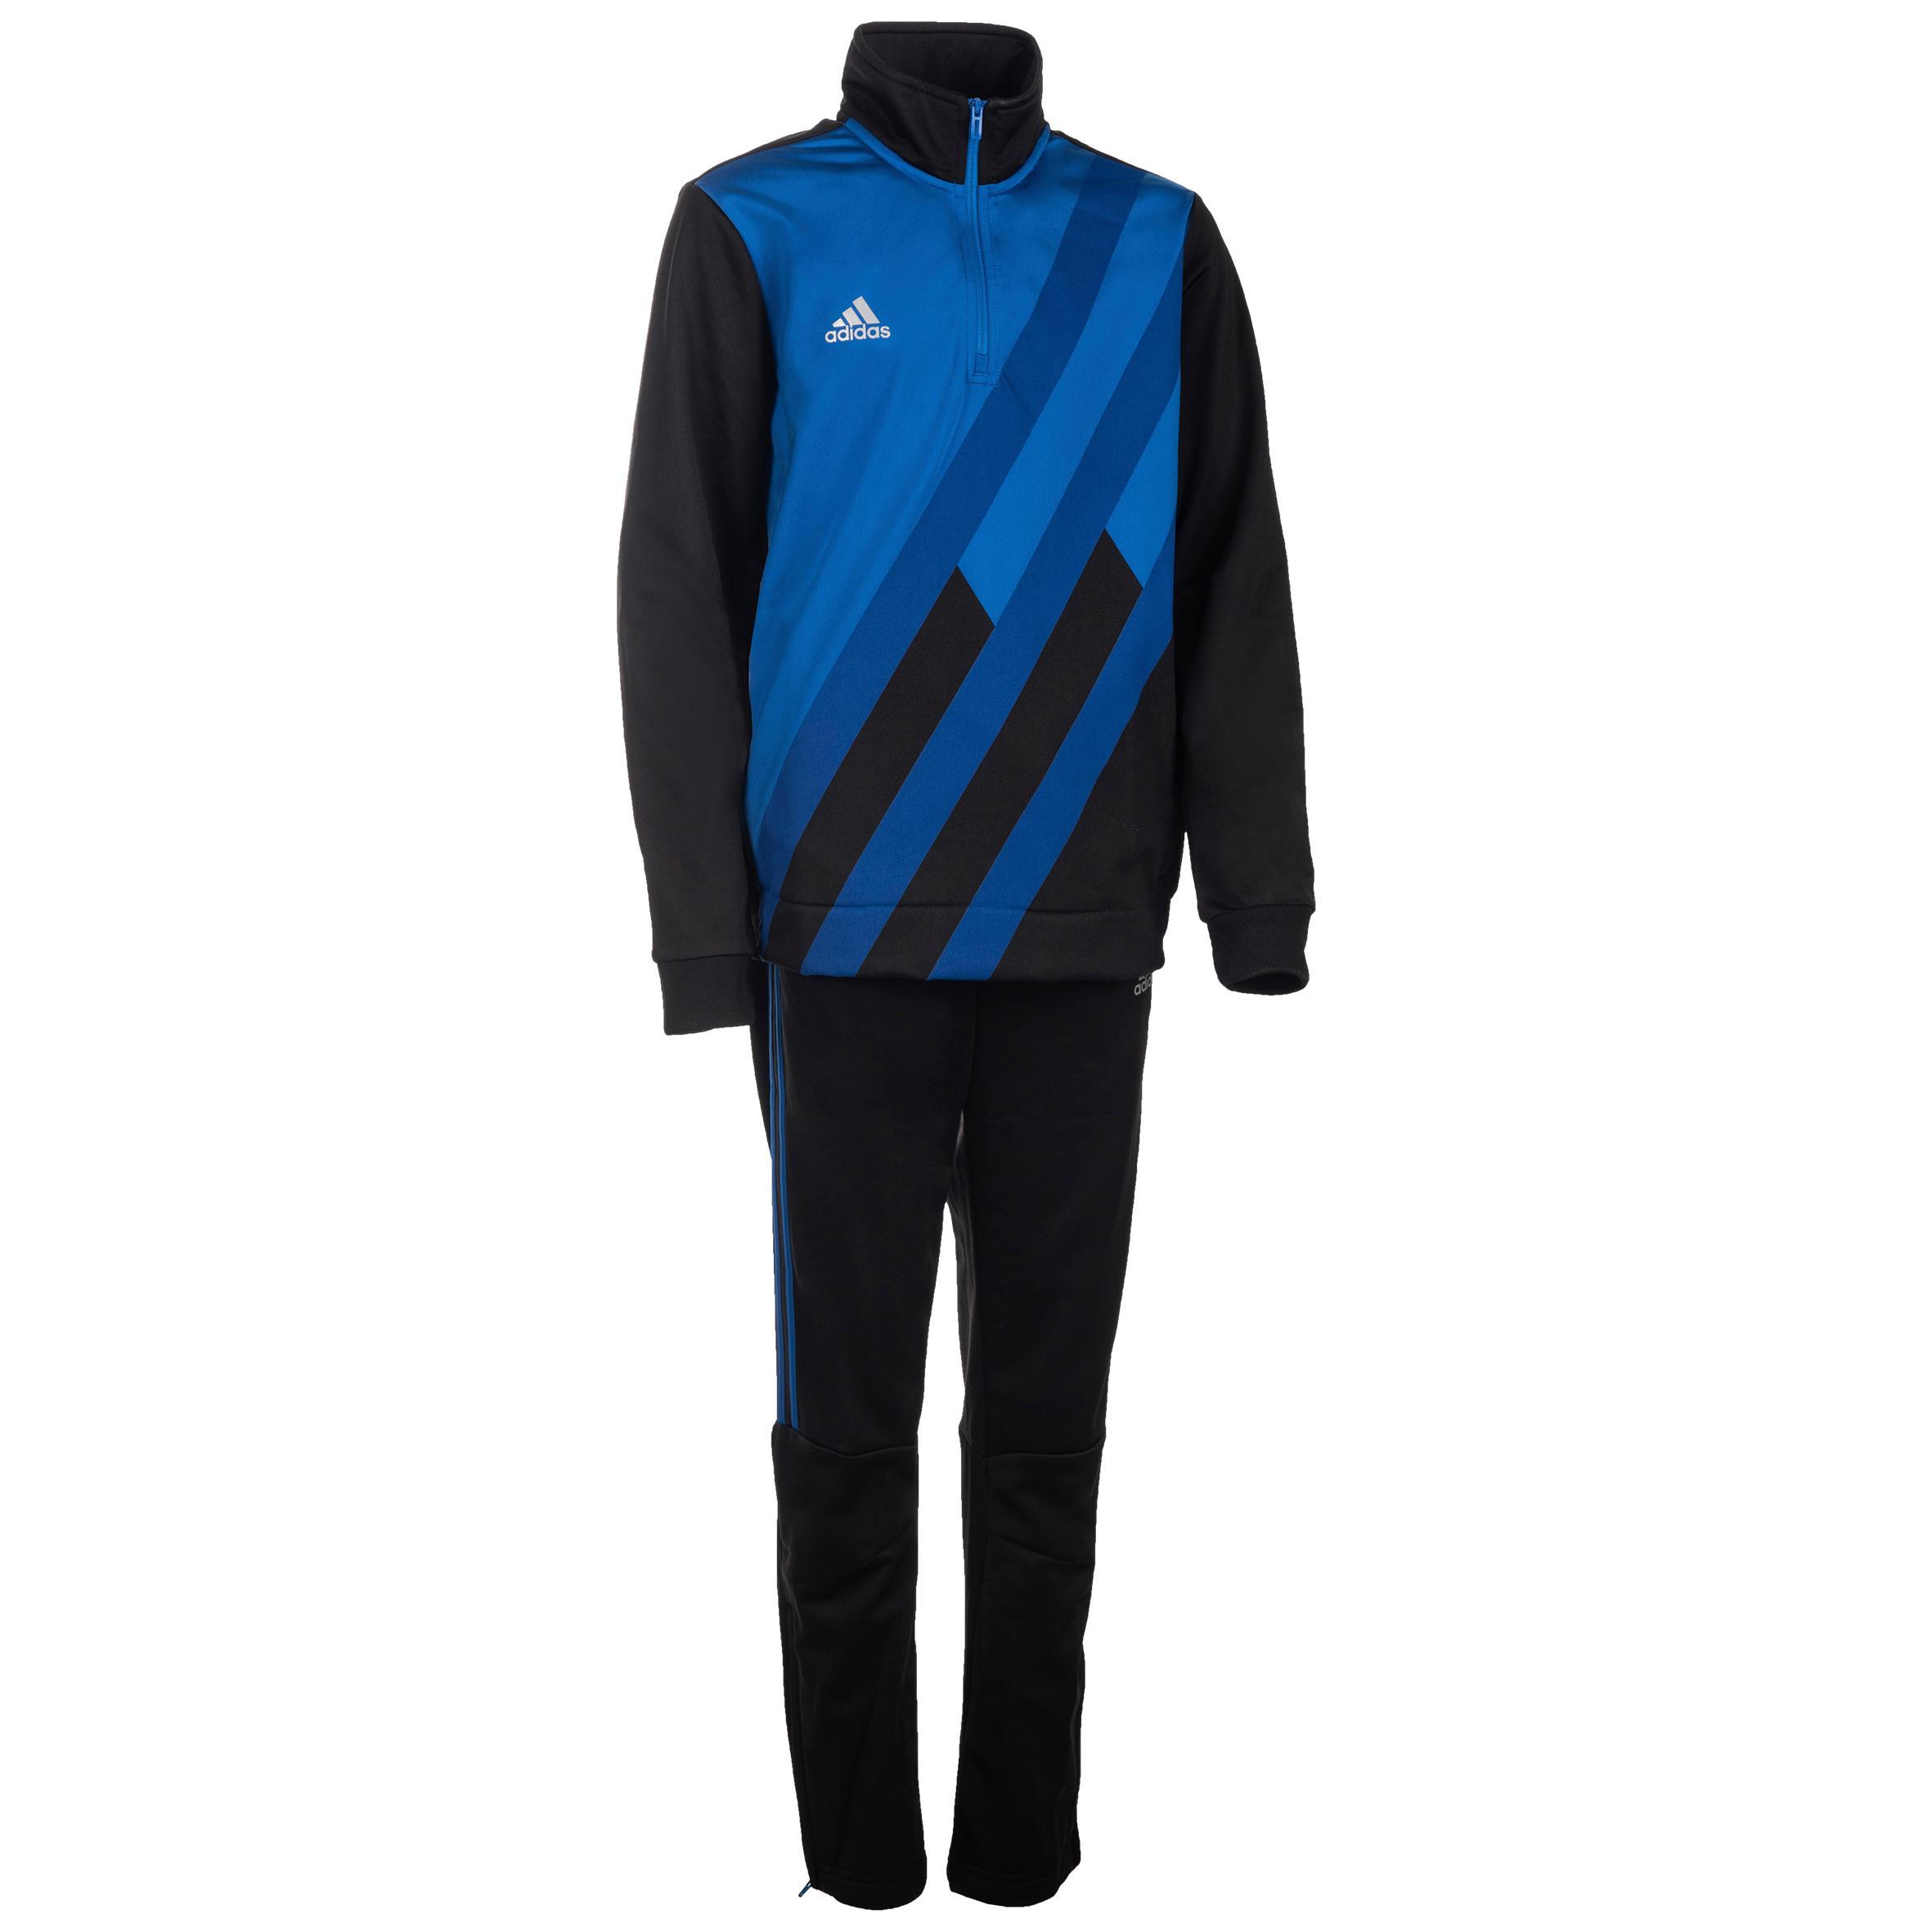 Adidas Gym trainingspak voor jongens blauw